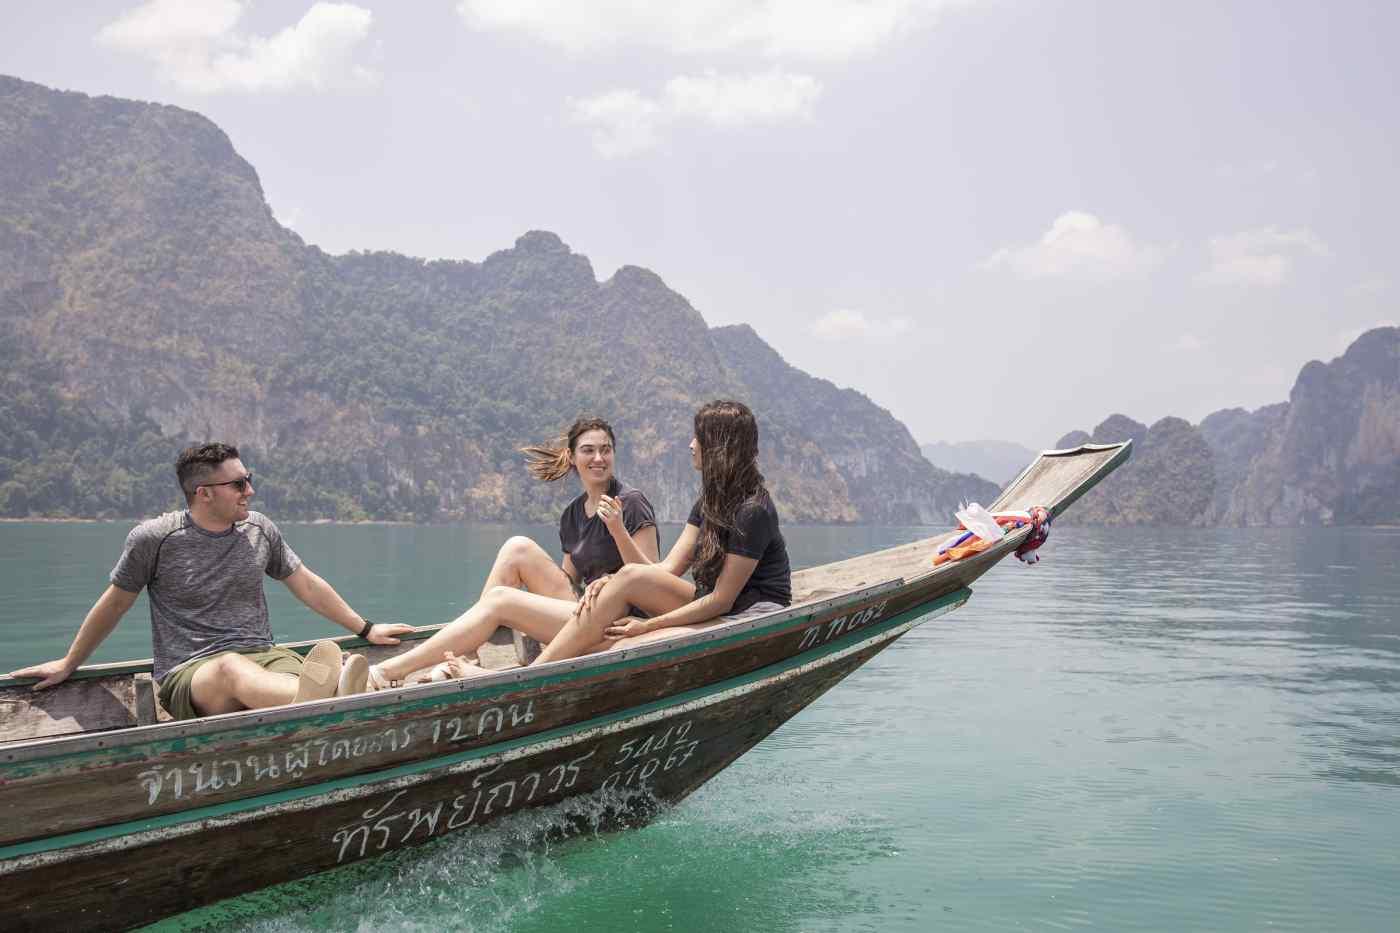 Long Tail Boat in Ao Nang, Thailand